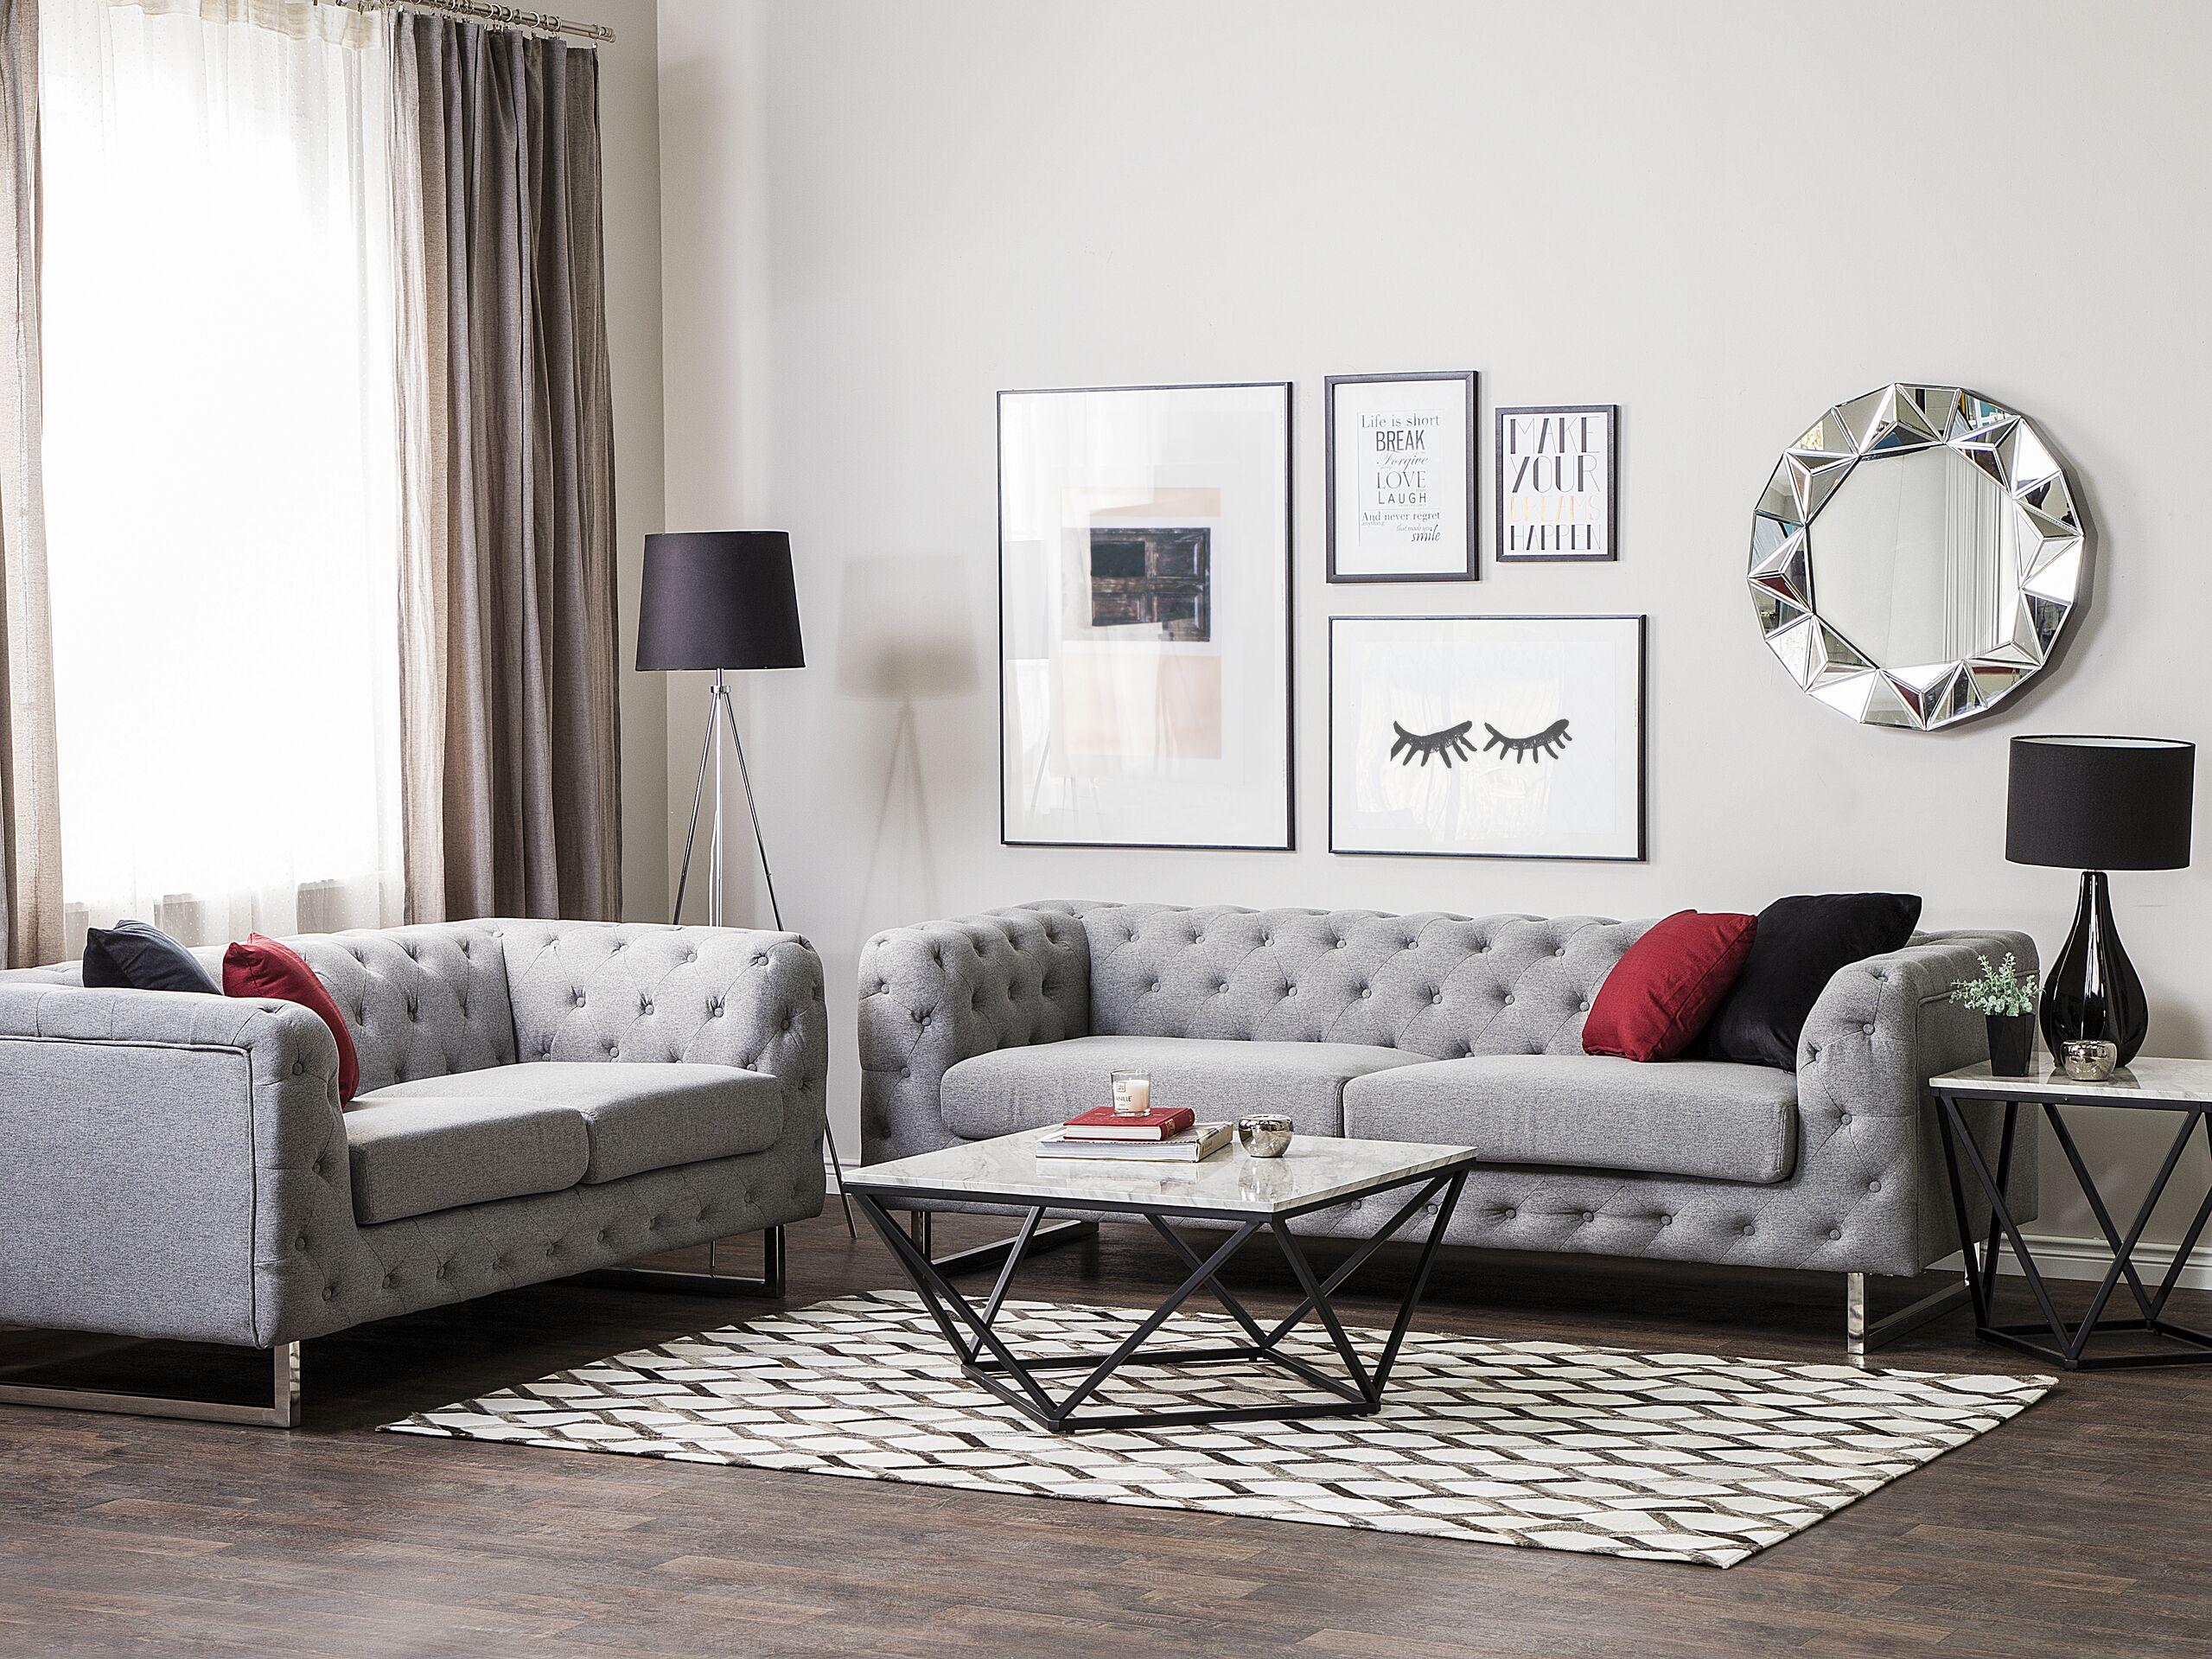 beliani set divani 5 posti colore grigio chiaro